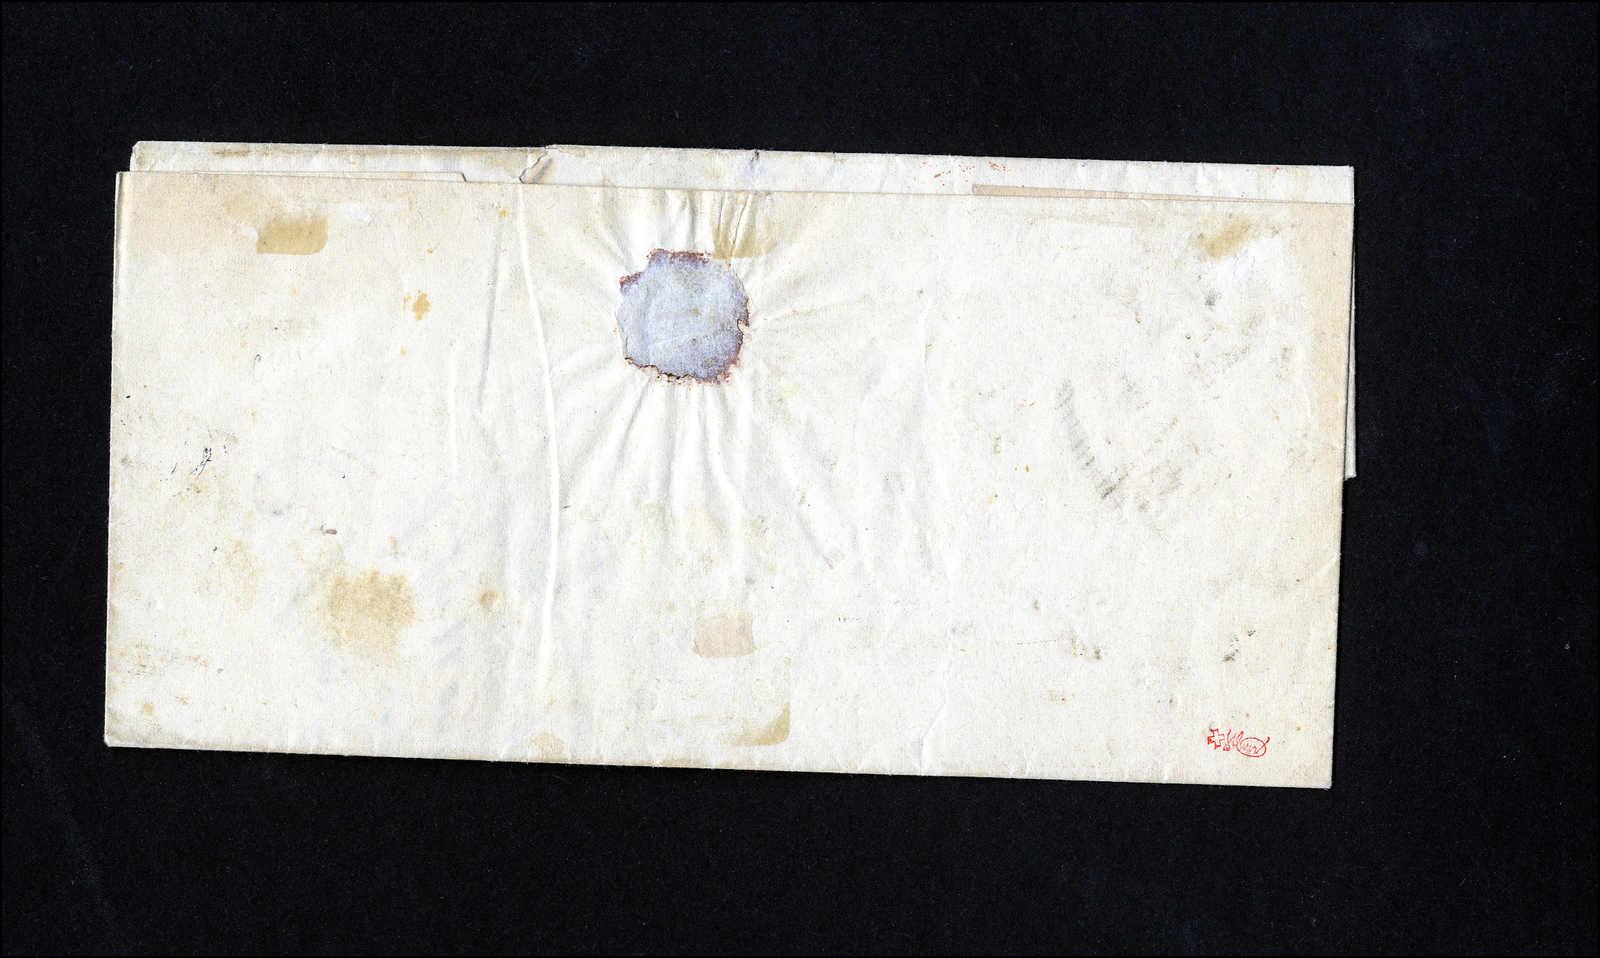 Lot 1007 - schweiz schweiz kantone genf -  Rolli Auctions Auction #68 Day 2